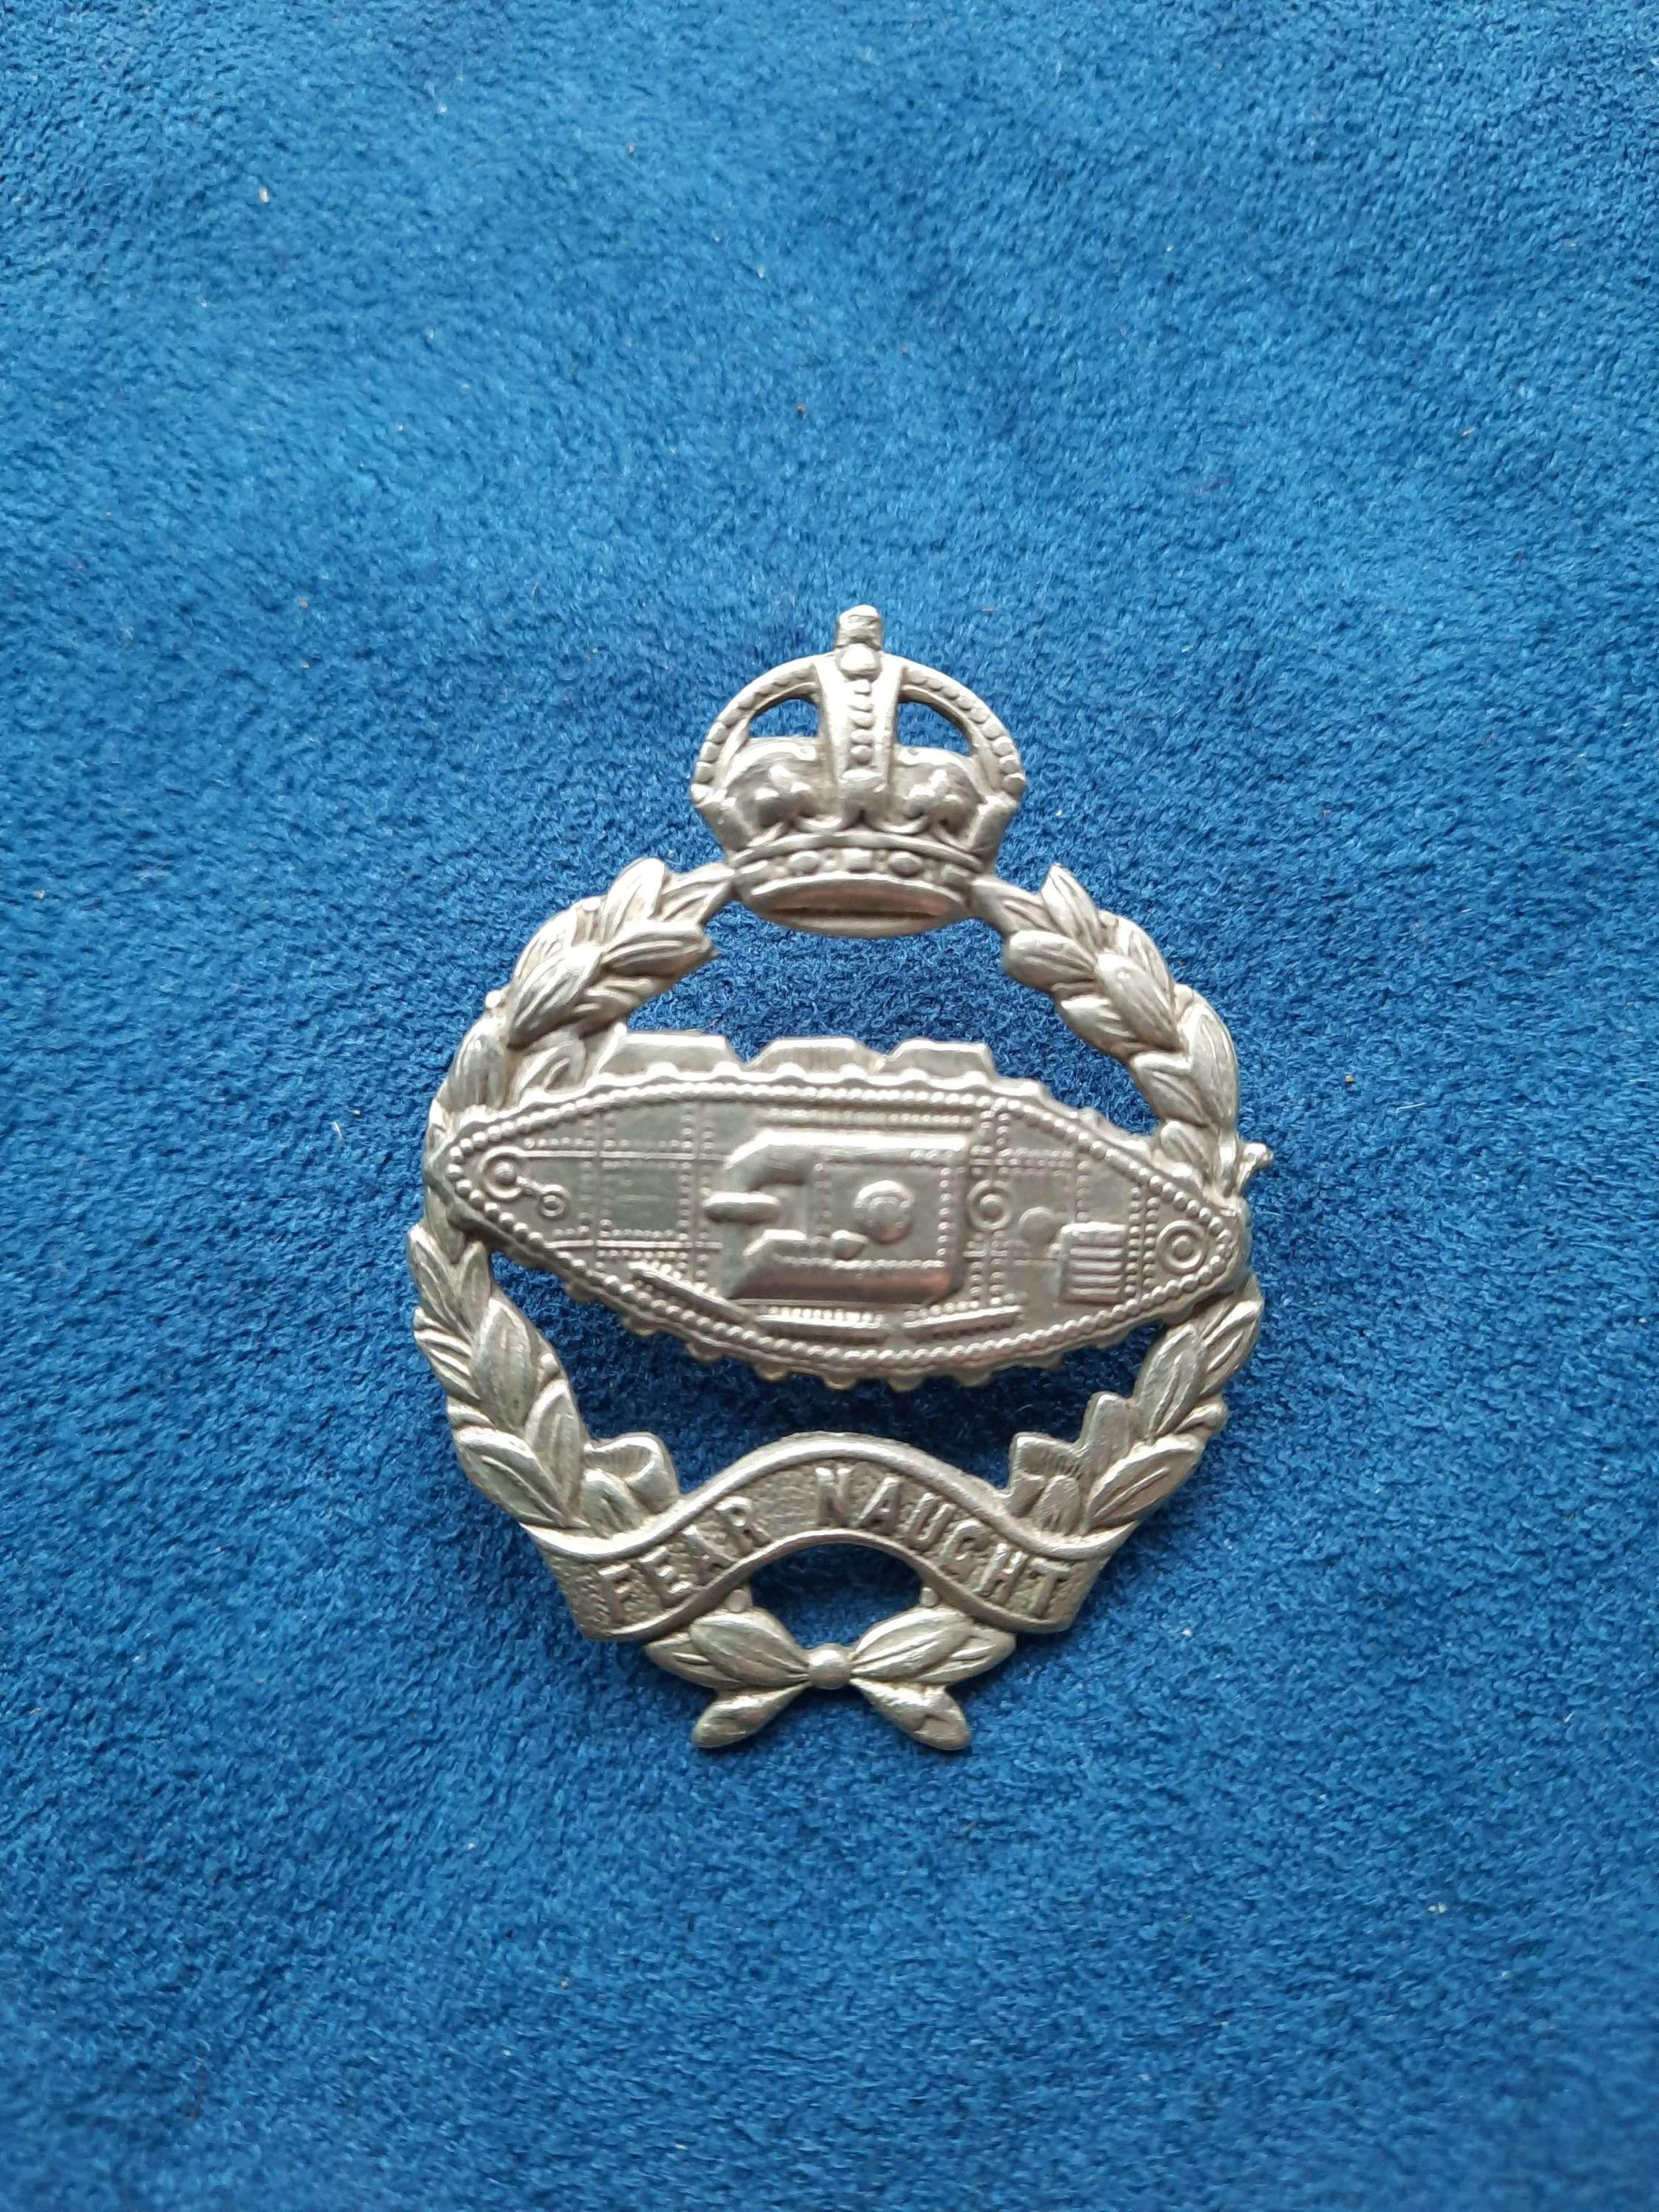 Tank Regiment Beret Badge